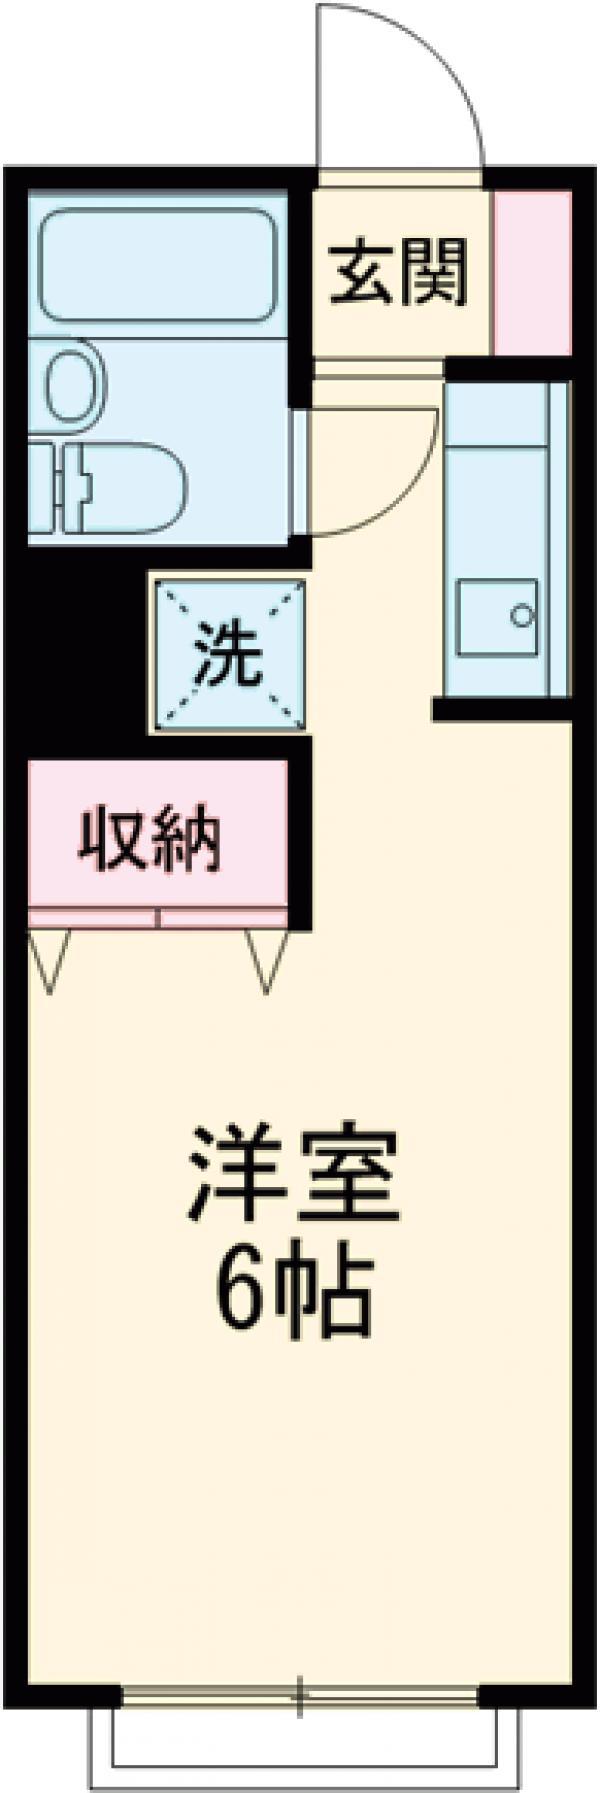 エスプリ片倉A・105号室の間取り